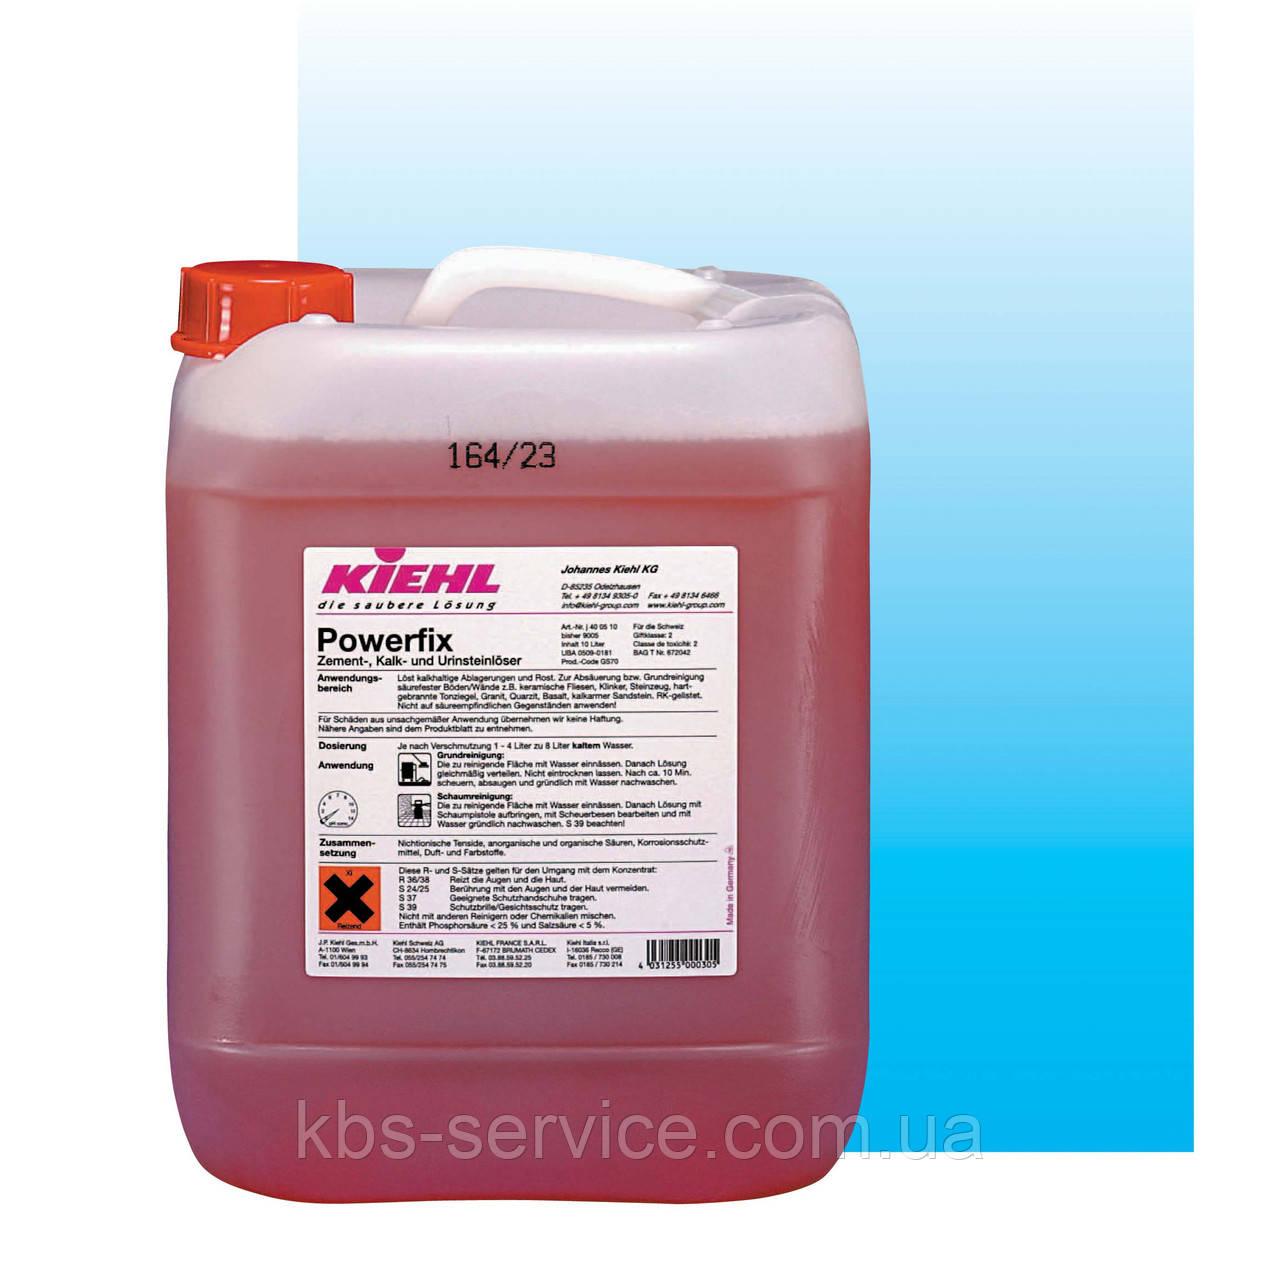 Средство для глубокой чистки (кислотное) Powerfix, 10 л,  (санузлы, послестроительные работы) Kiehl